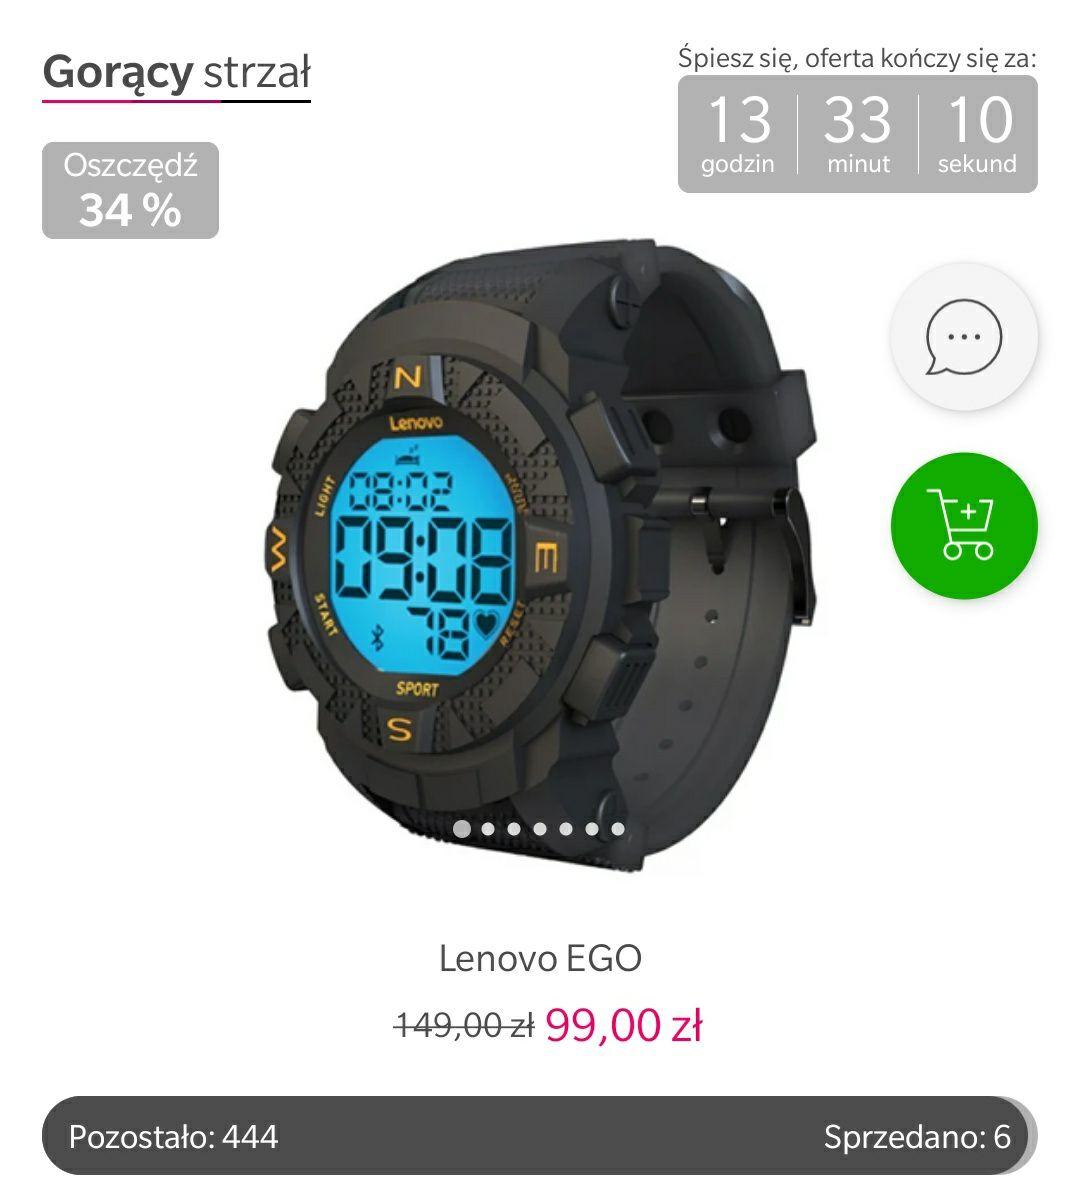 Smartwatch Lenovo EGO X-kom